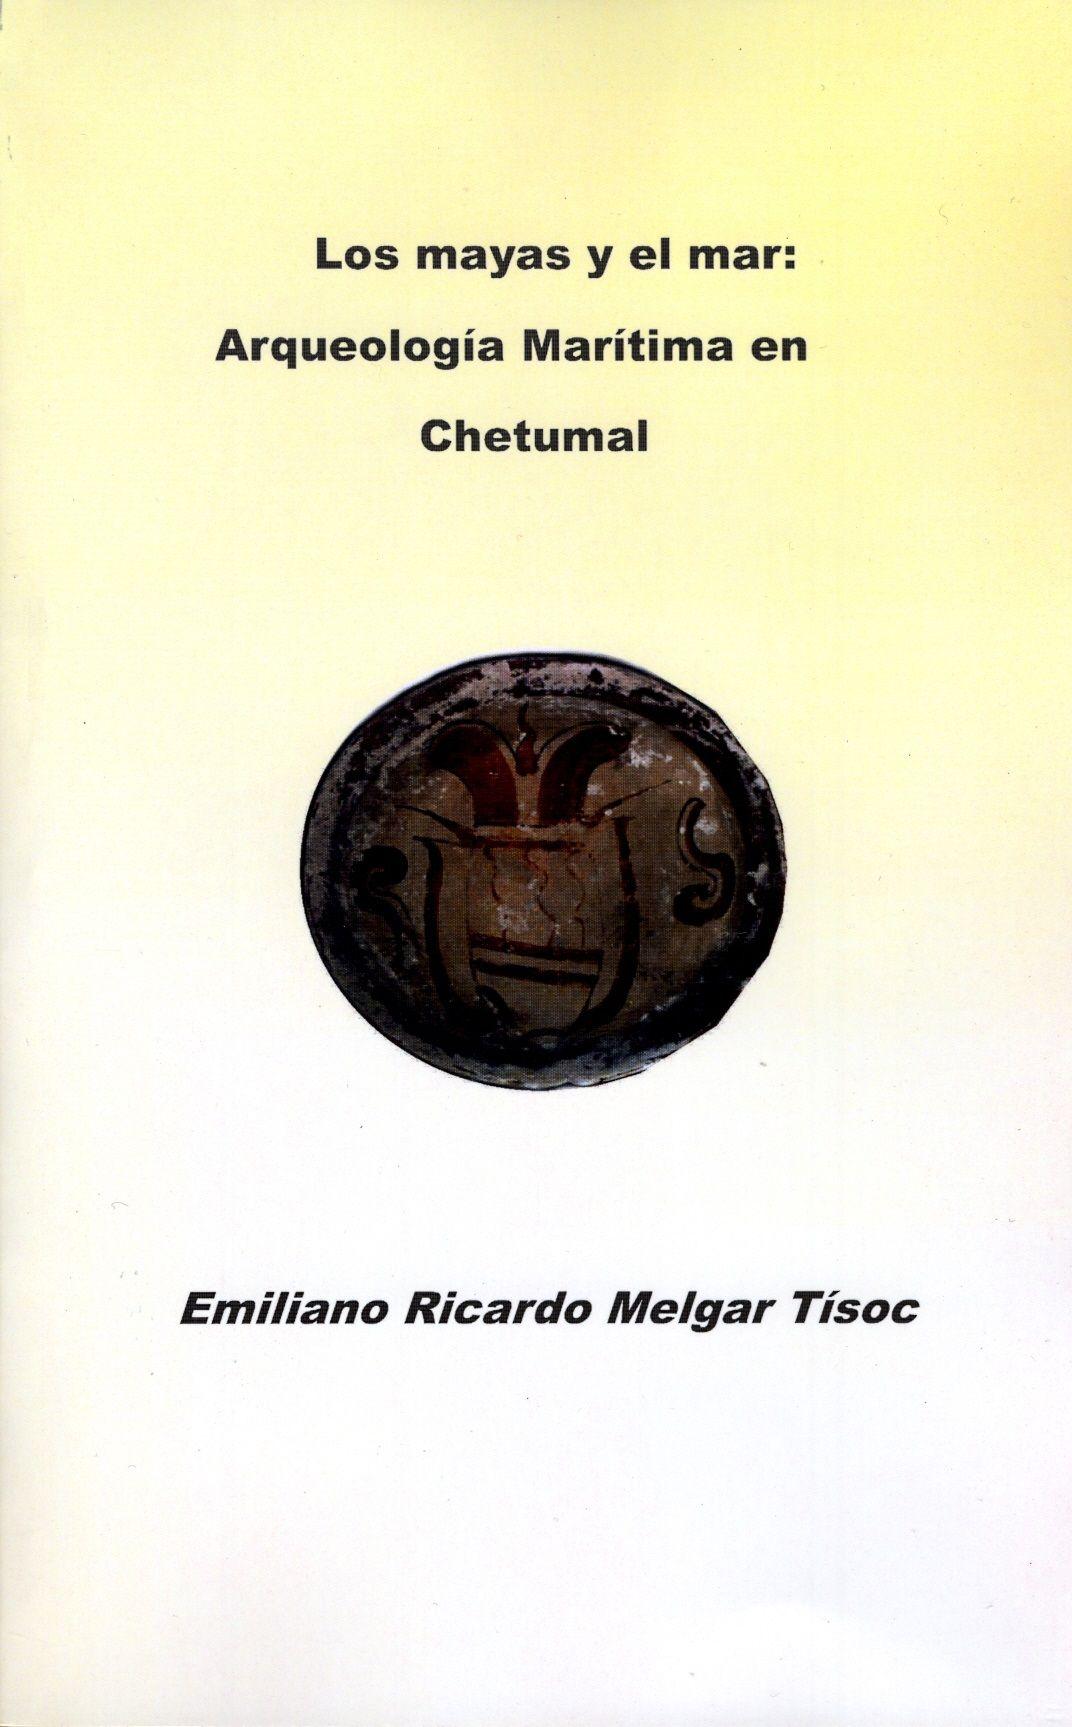 Emiliano Ricardo Melgar Tisoc - Los mayas y el mar: arqueología marítima en Chetumal